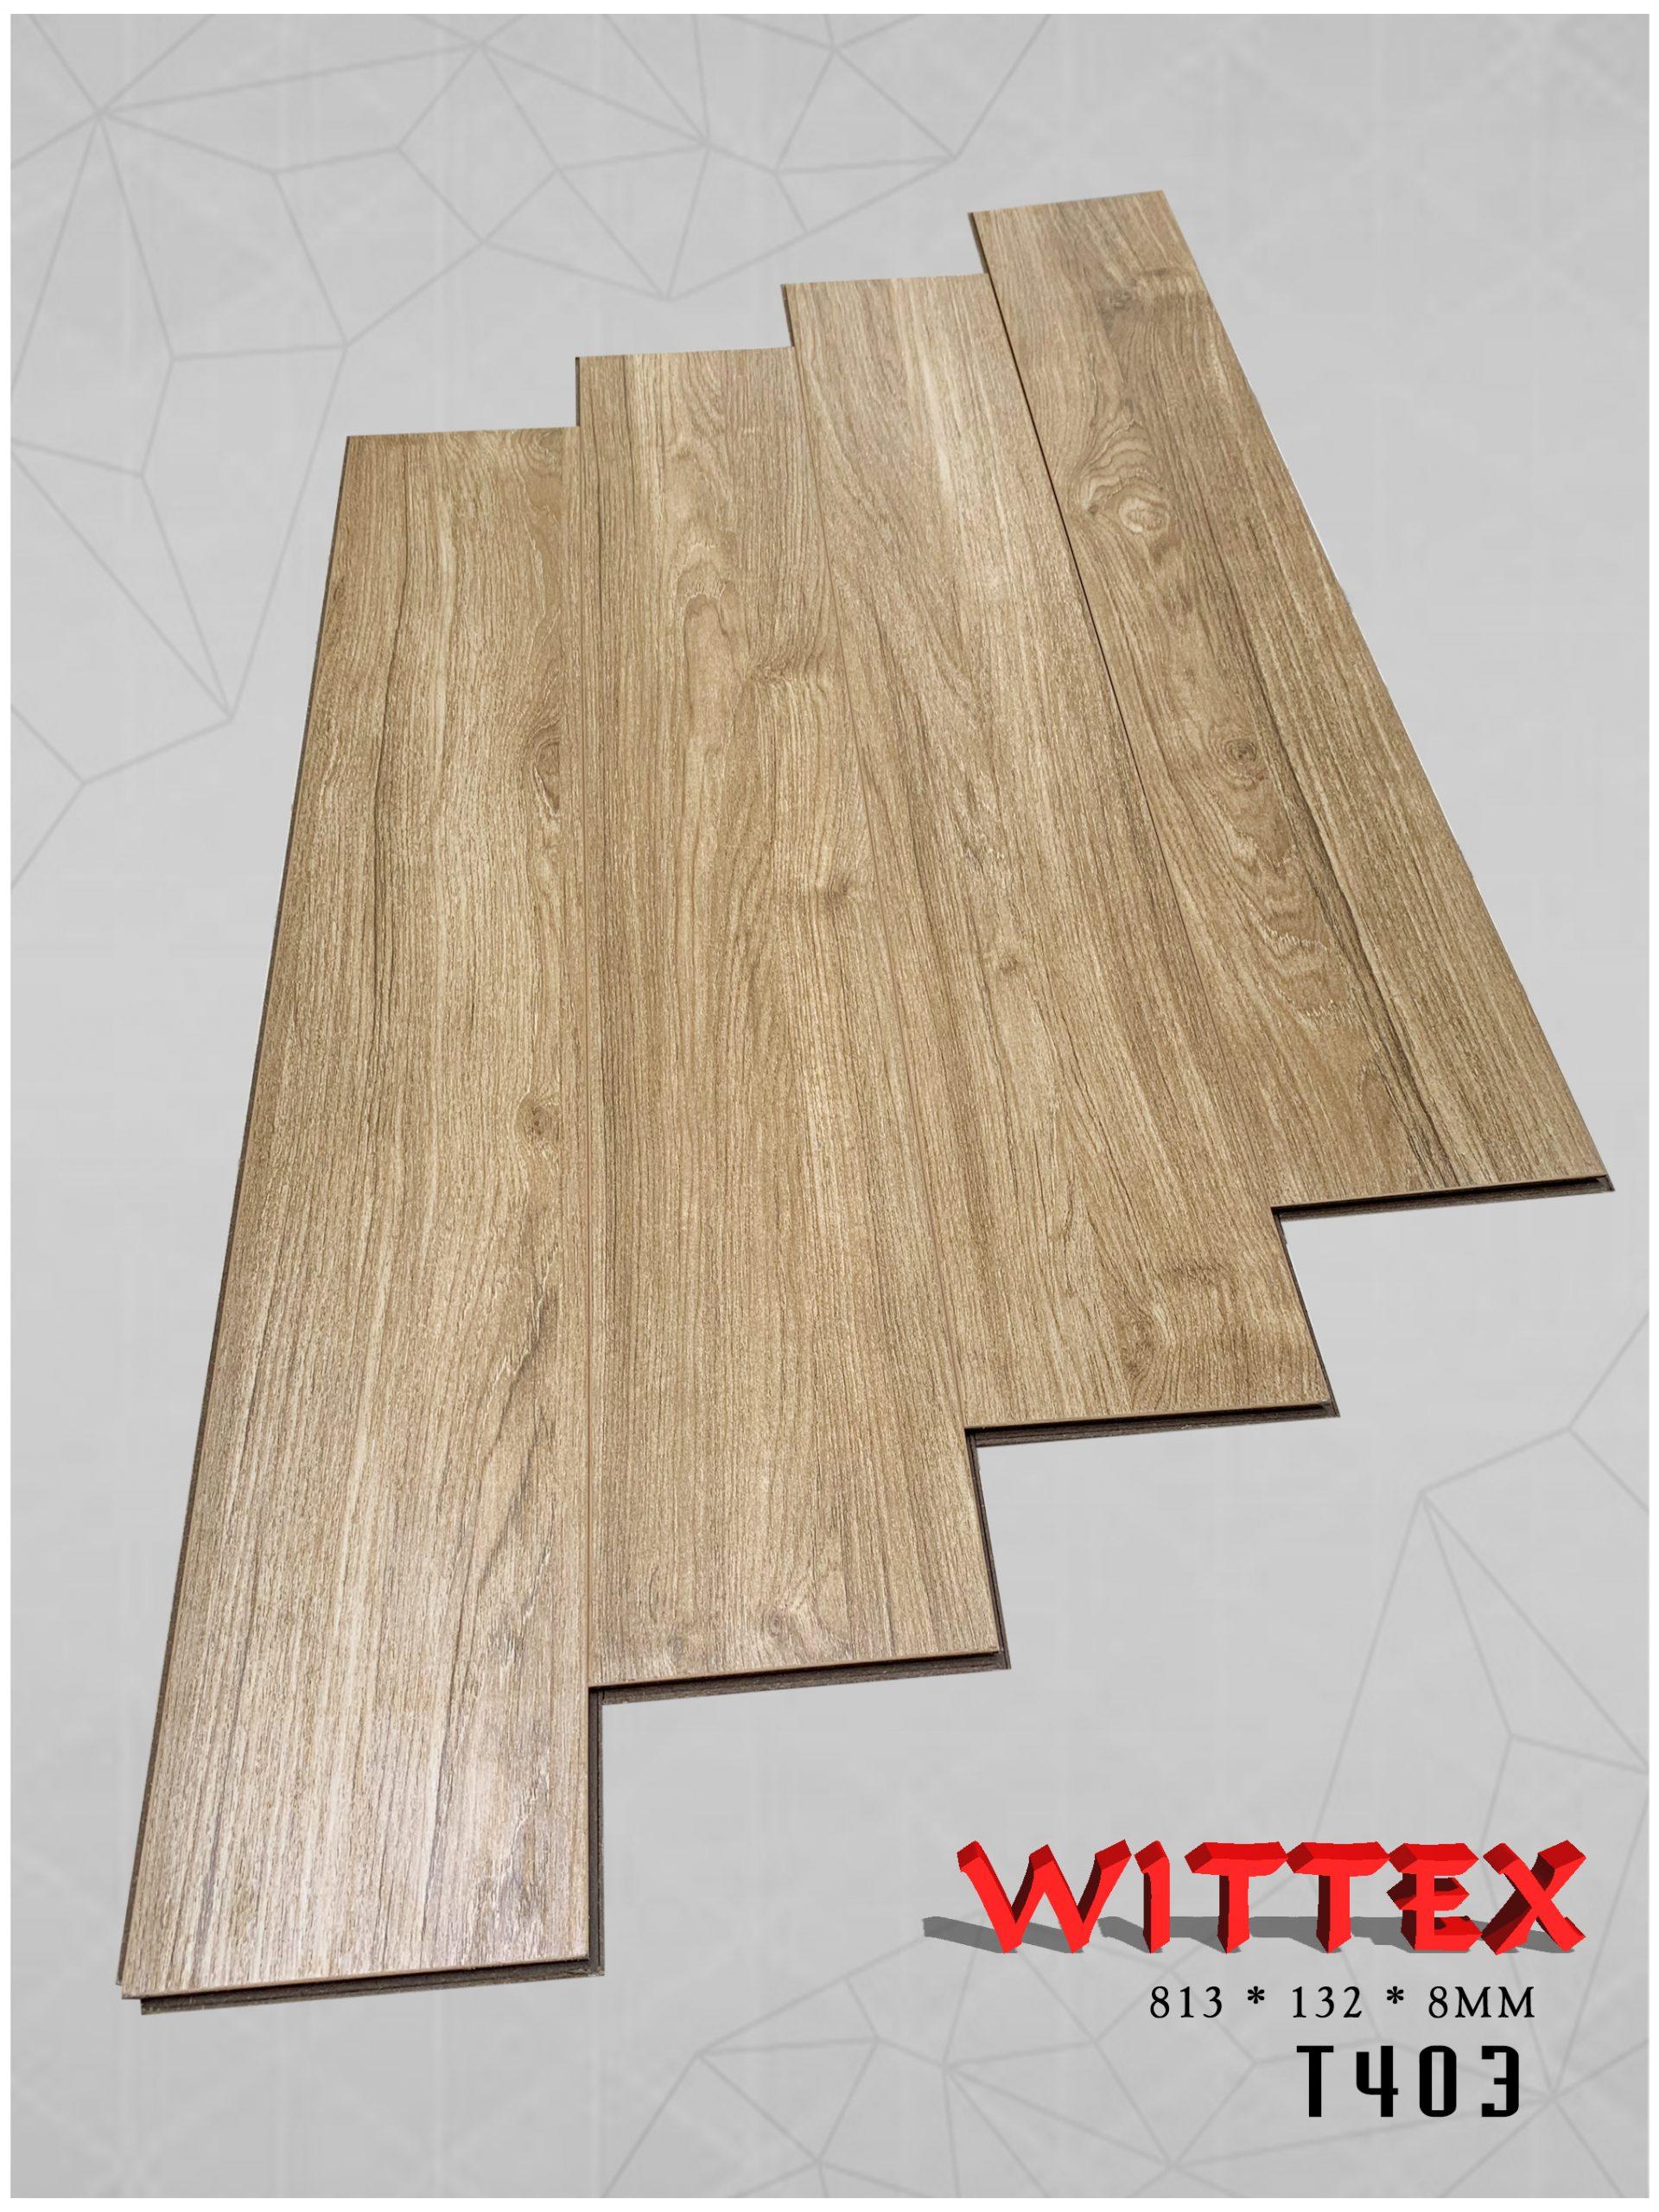 wittex t403